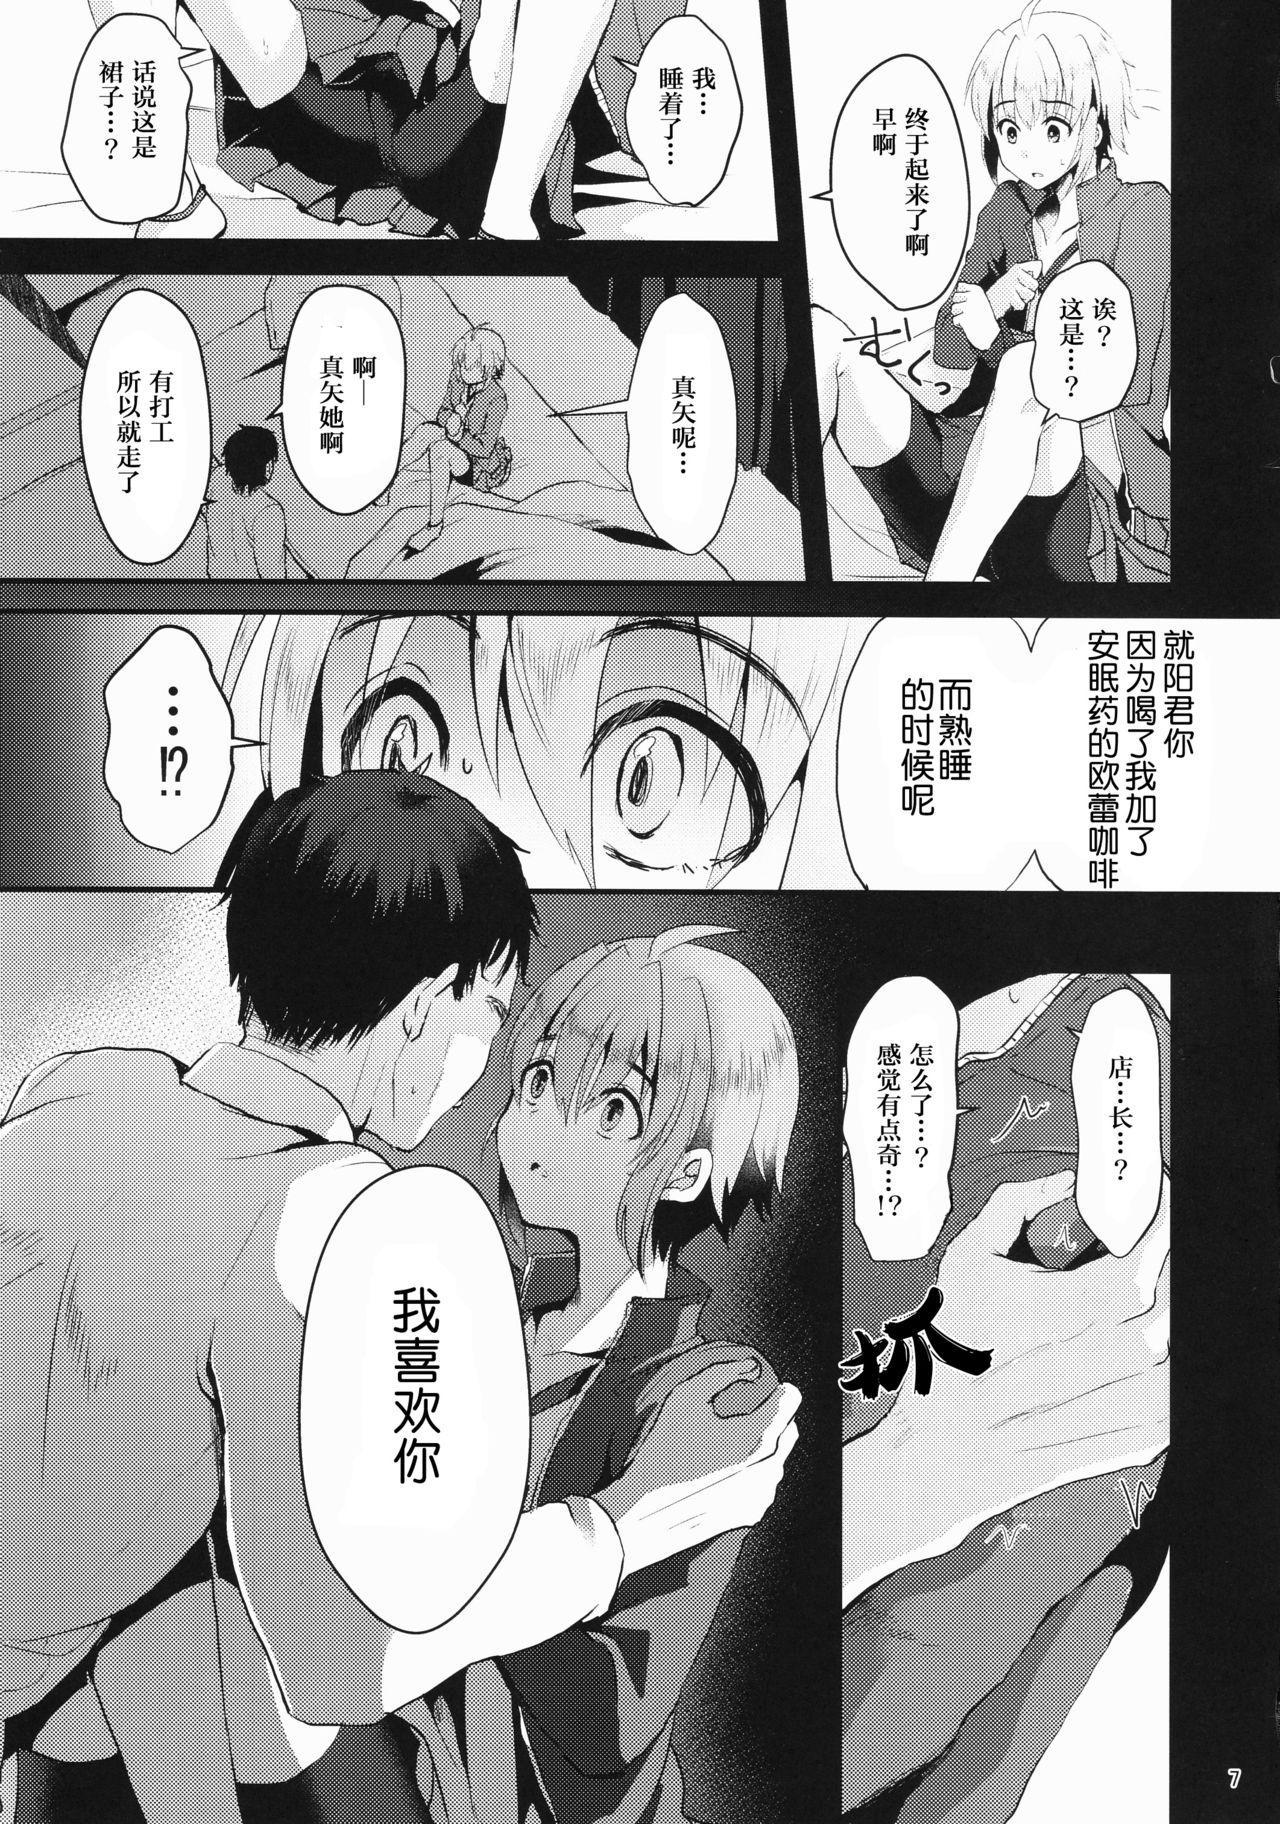 Kimi no Kareshi ni Naru Hazu datta. 1 5